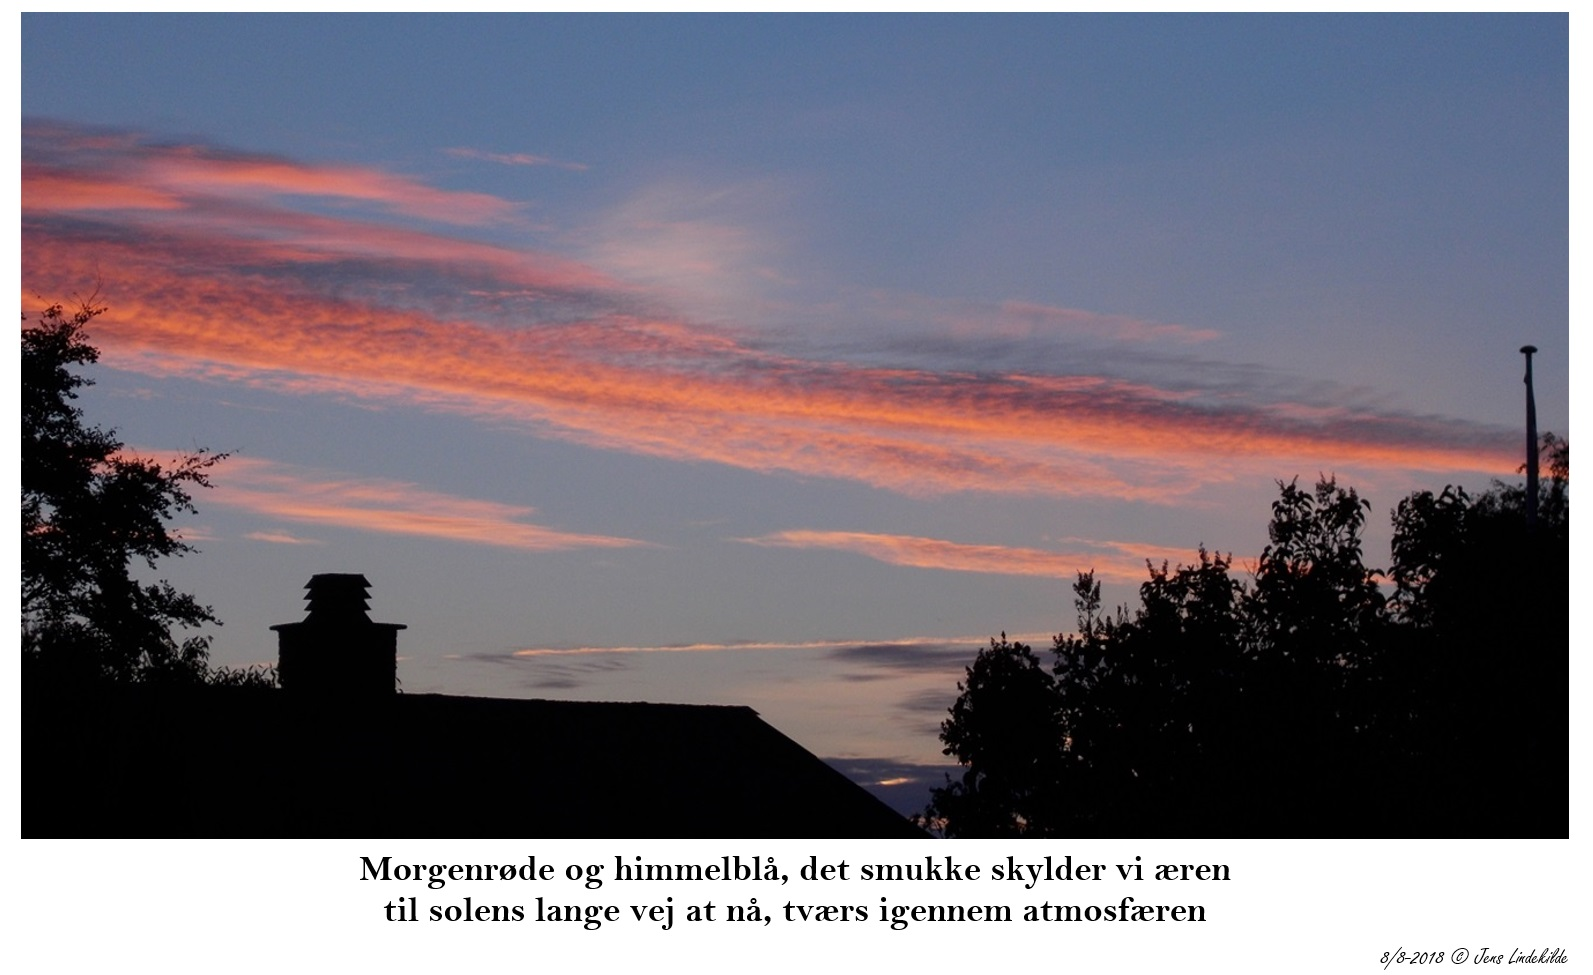 Morgenrøde-og-himmelblå